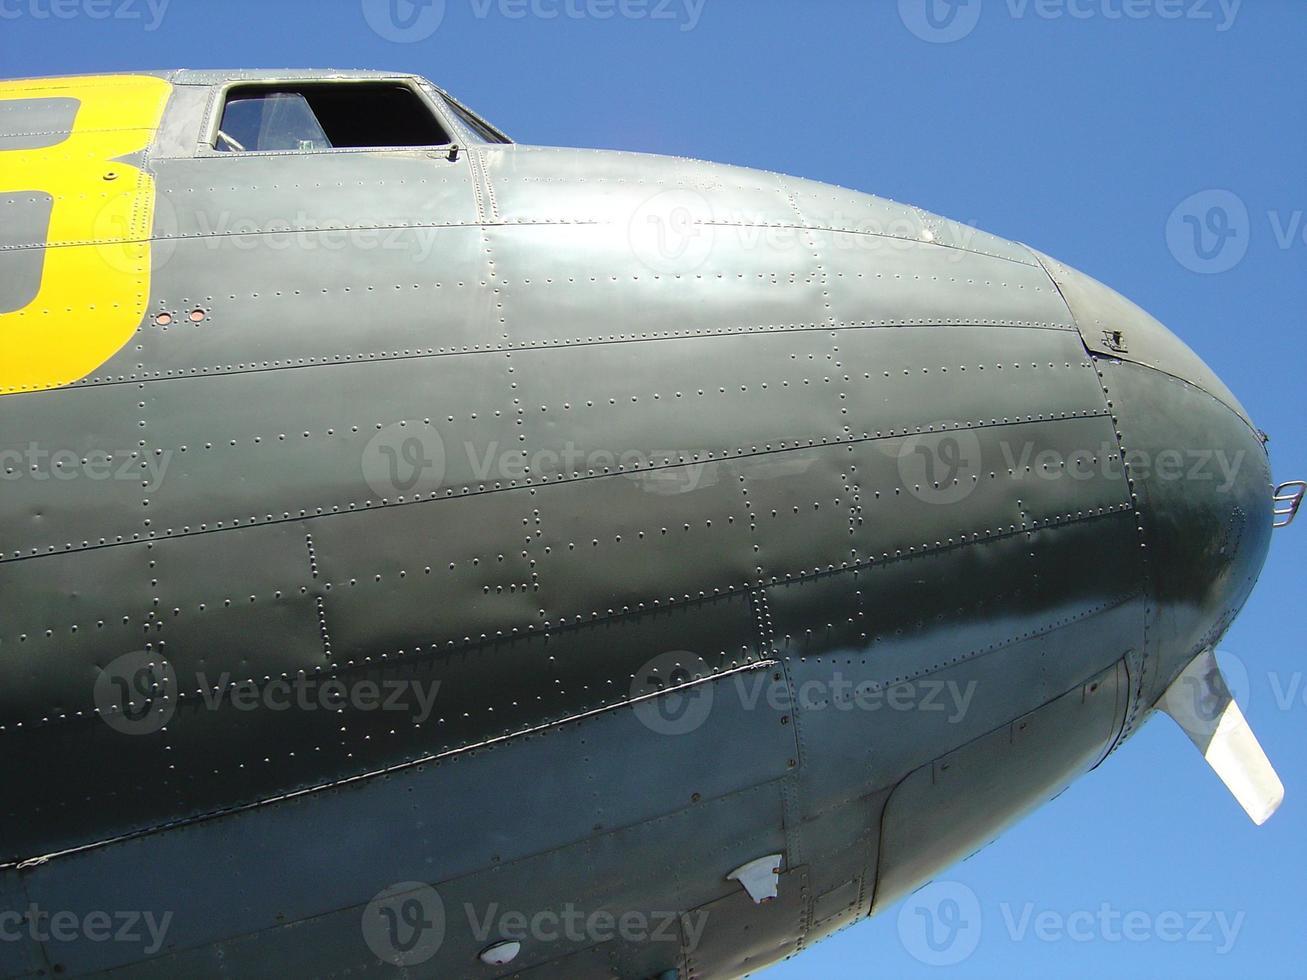 DC-3 Nase foto